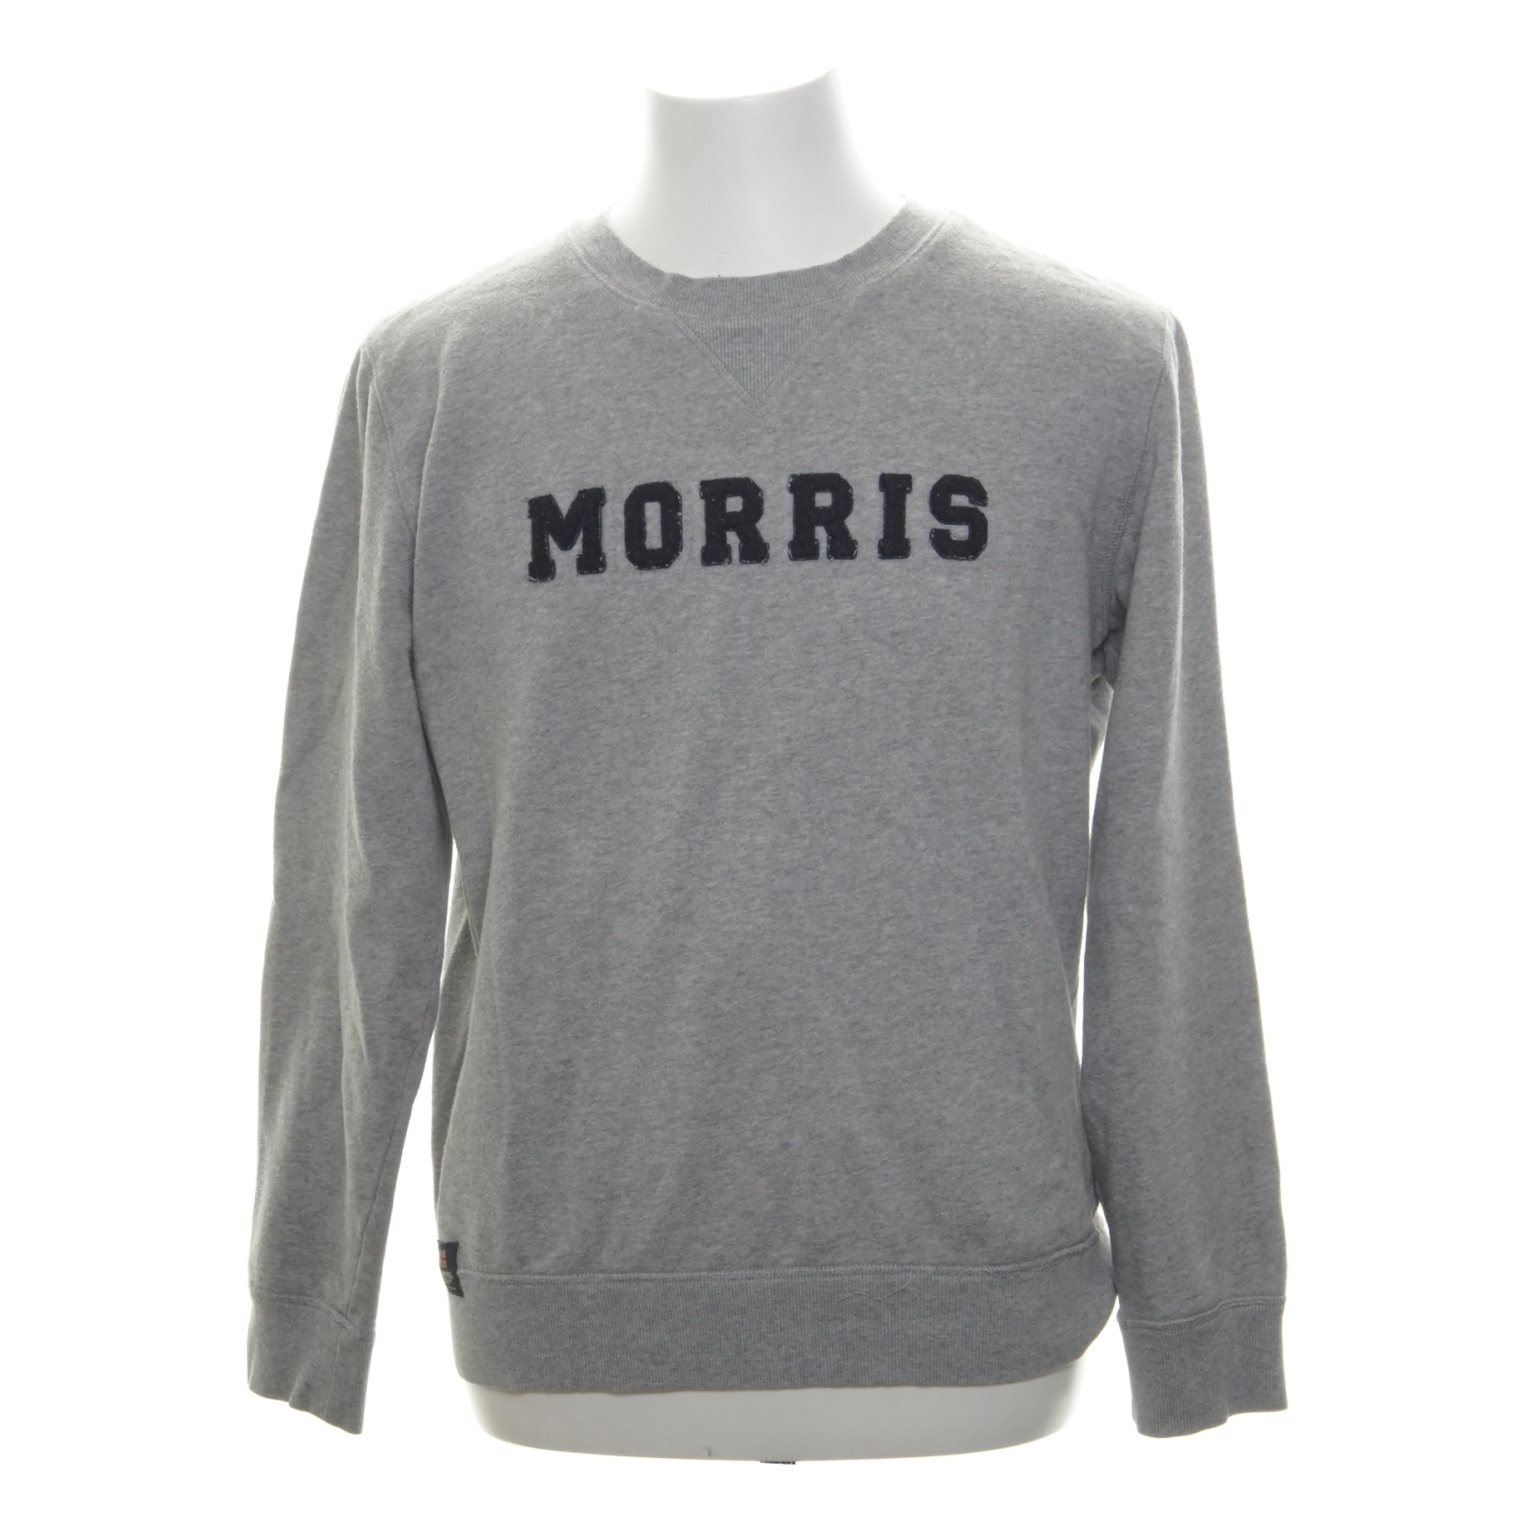 morris tröja grå